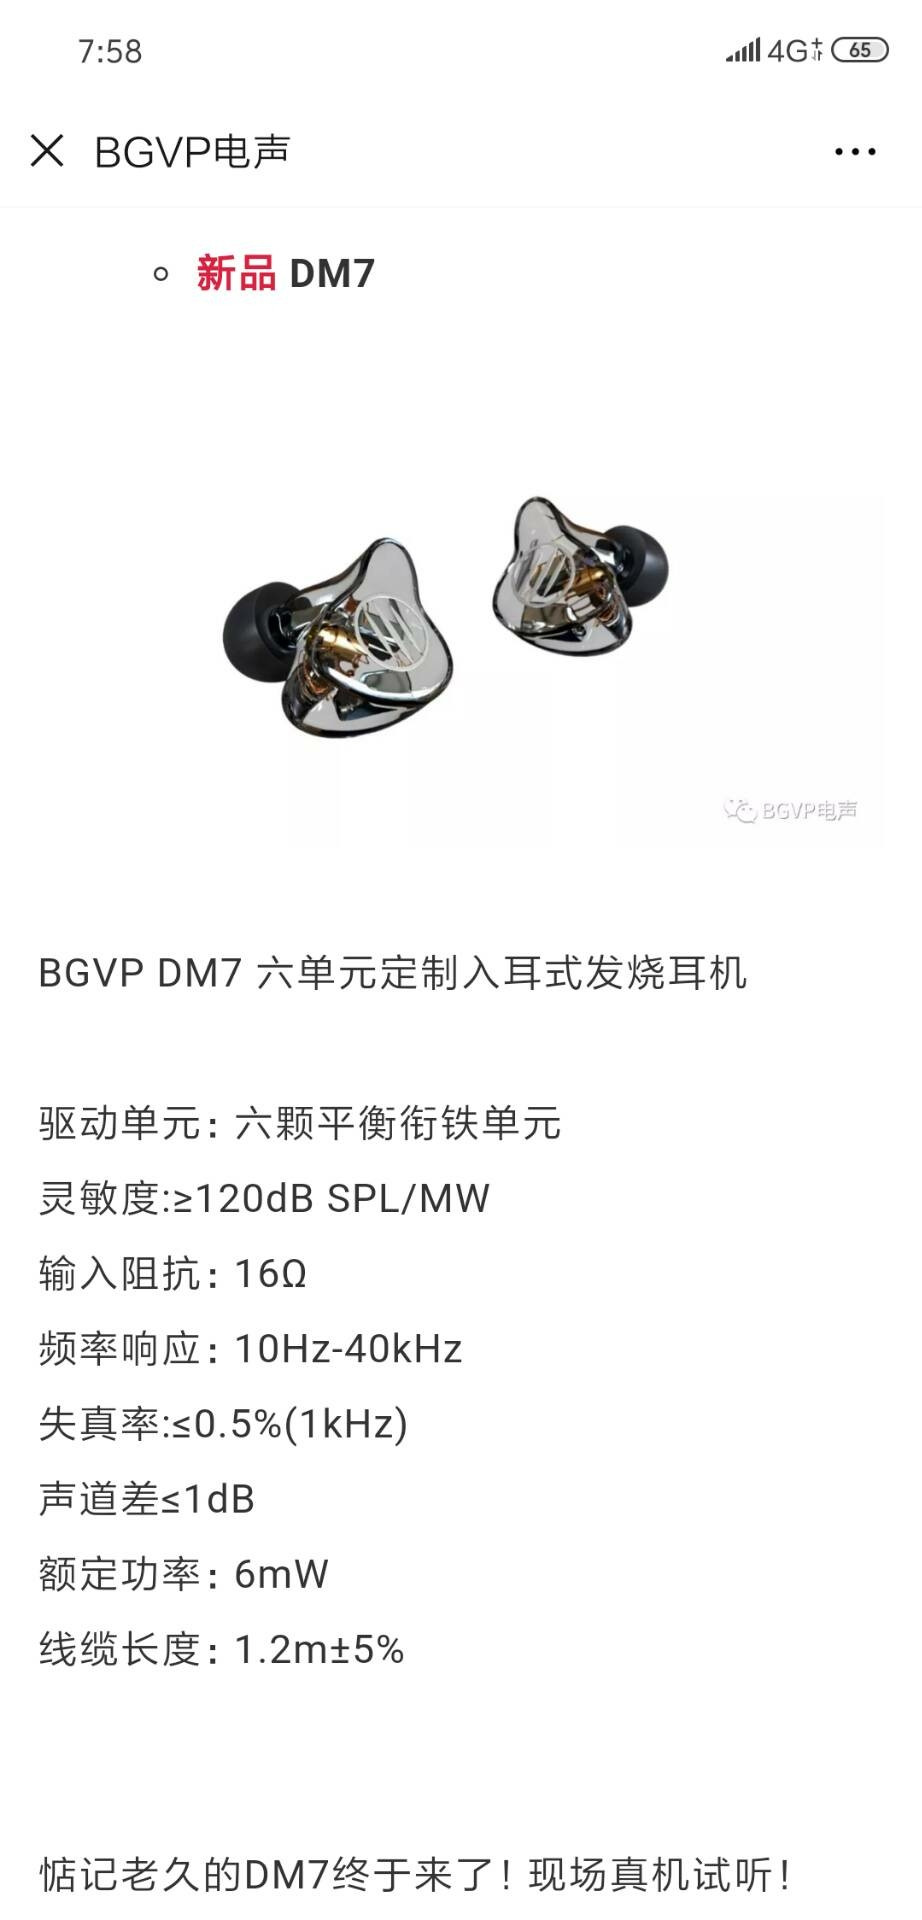 bgvp DM7.jpg